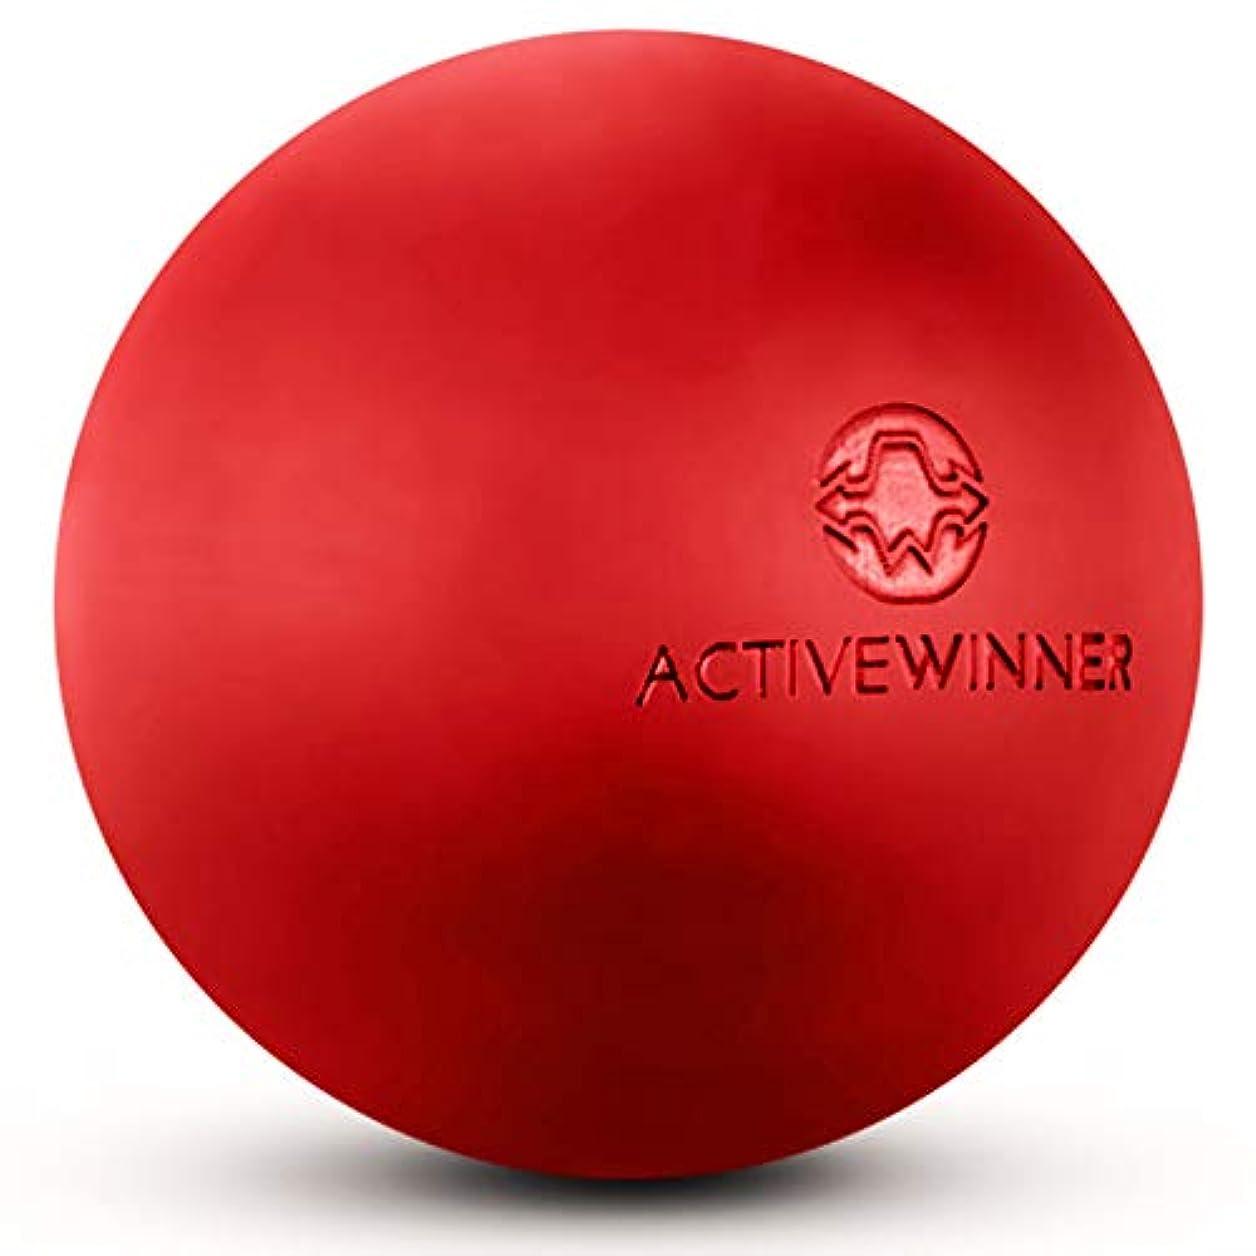 Active Winner マッサージボール トリガーポイント (レッド) ストレッチボール 筋膜リリース トレーニング 背中 肩こり 腰 ふくらはぎ 足 ツボ押し